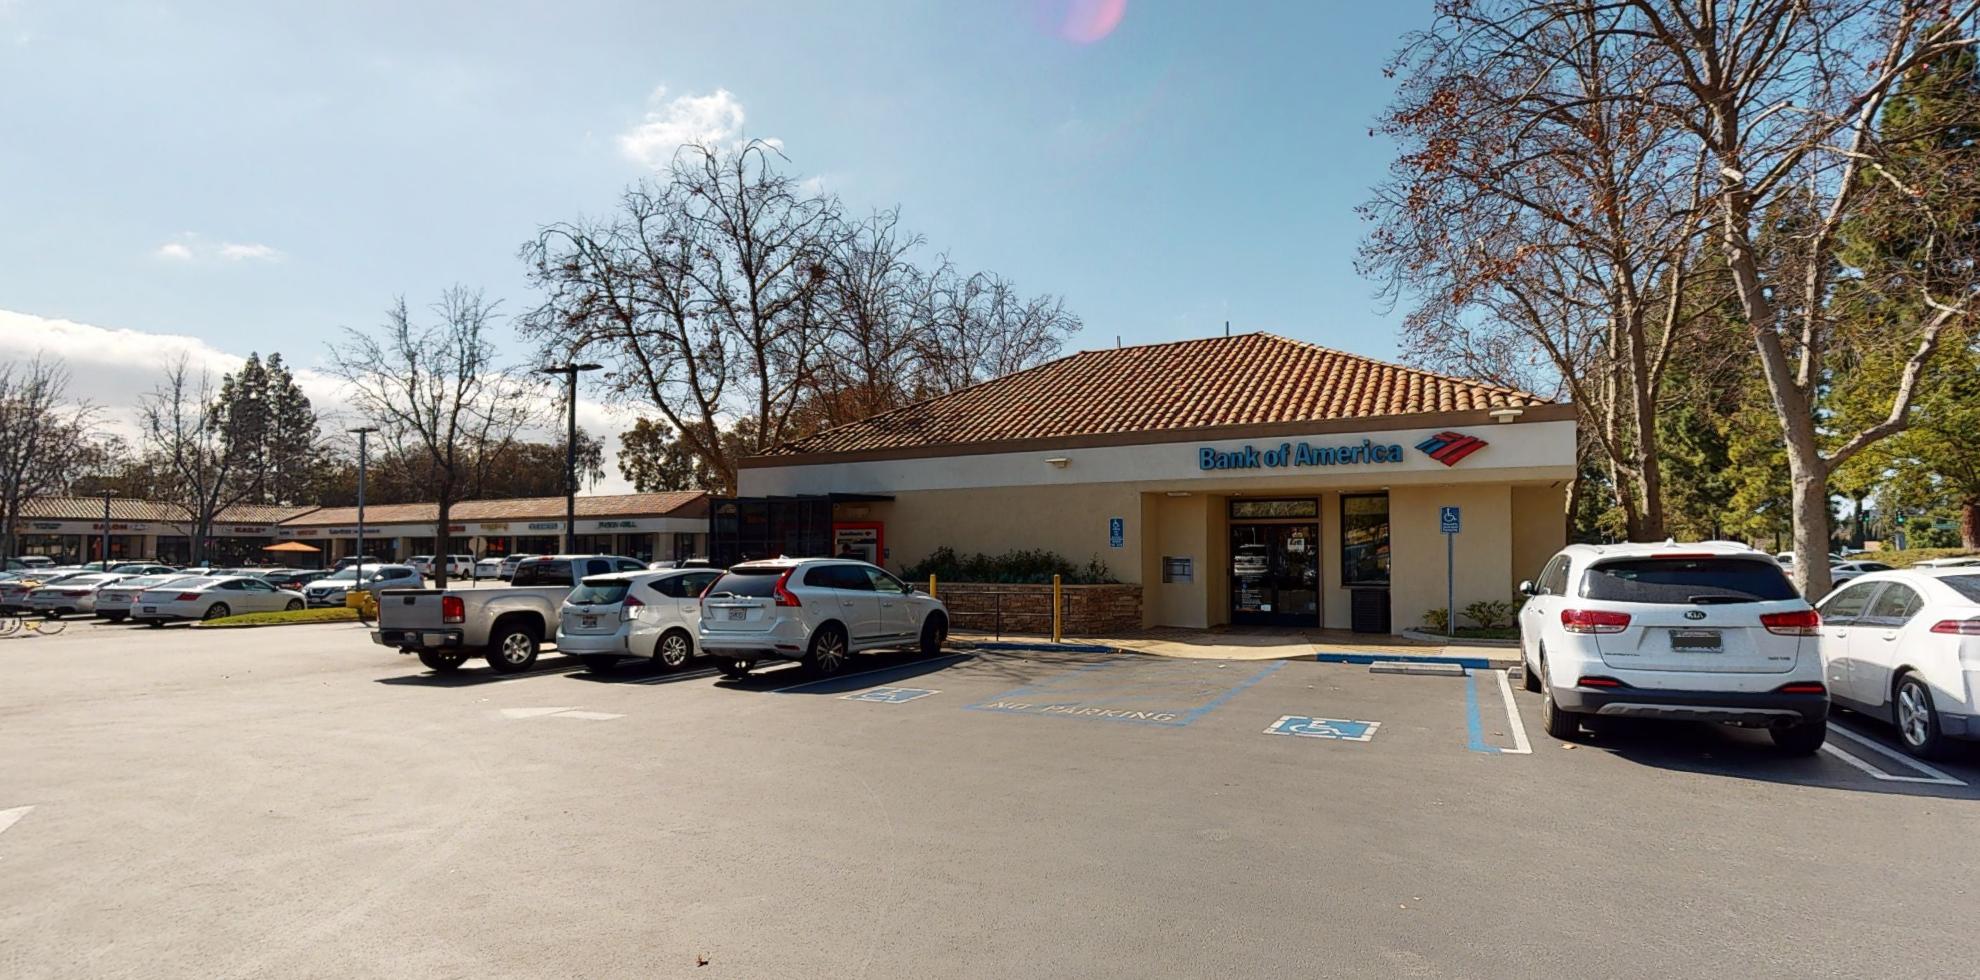 Bank of America financial center with walk-up ATM | 2012 E Avenida De Los Arboles, Thousand Oaks, CA 91362